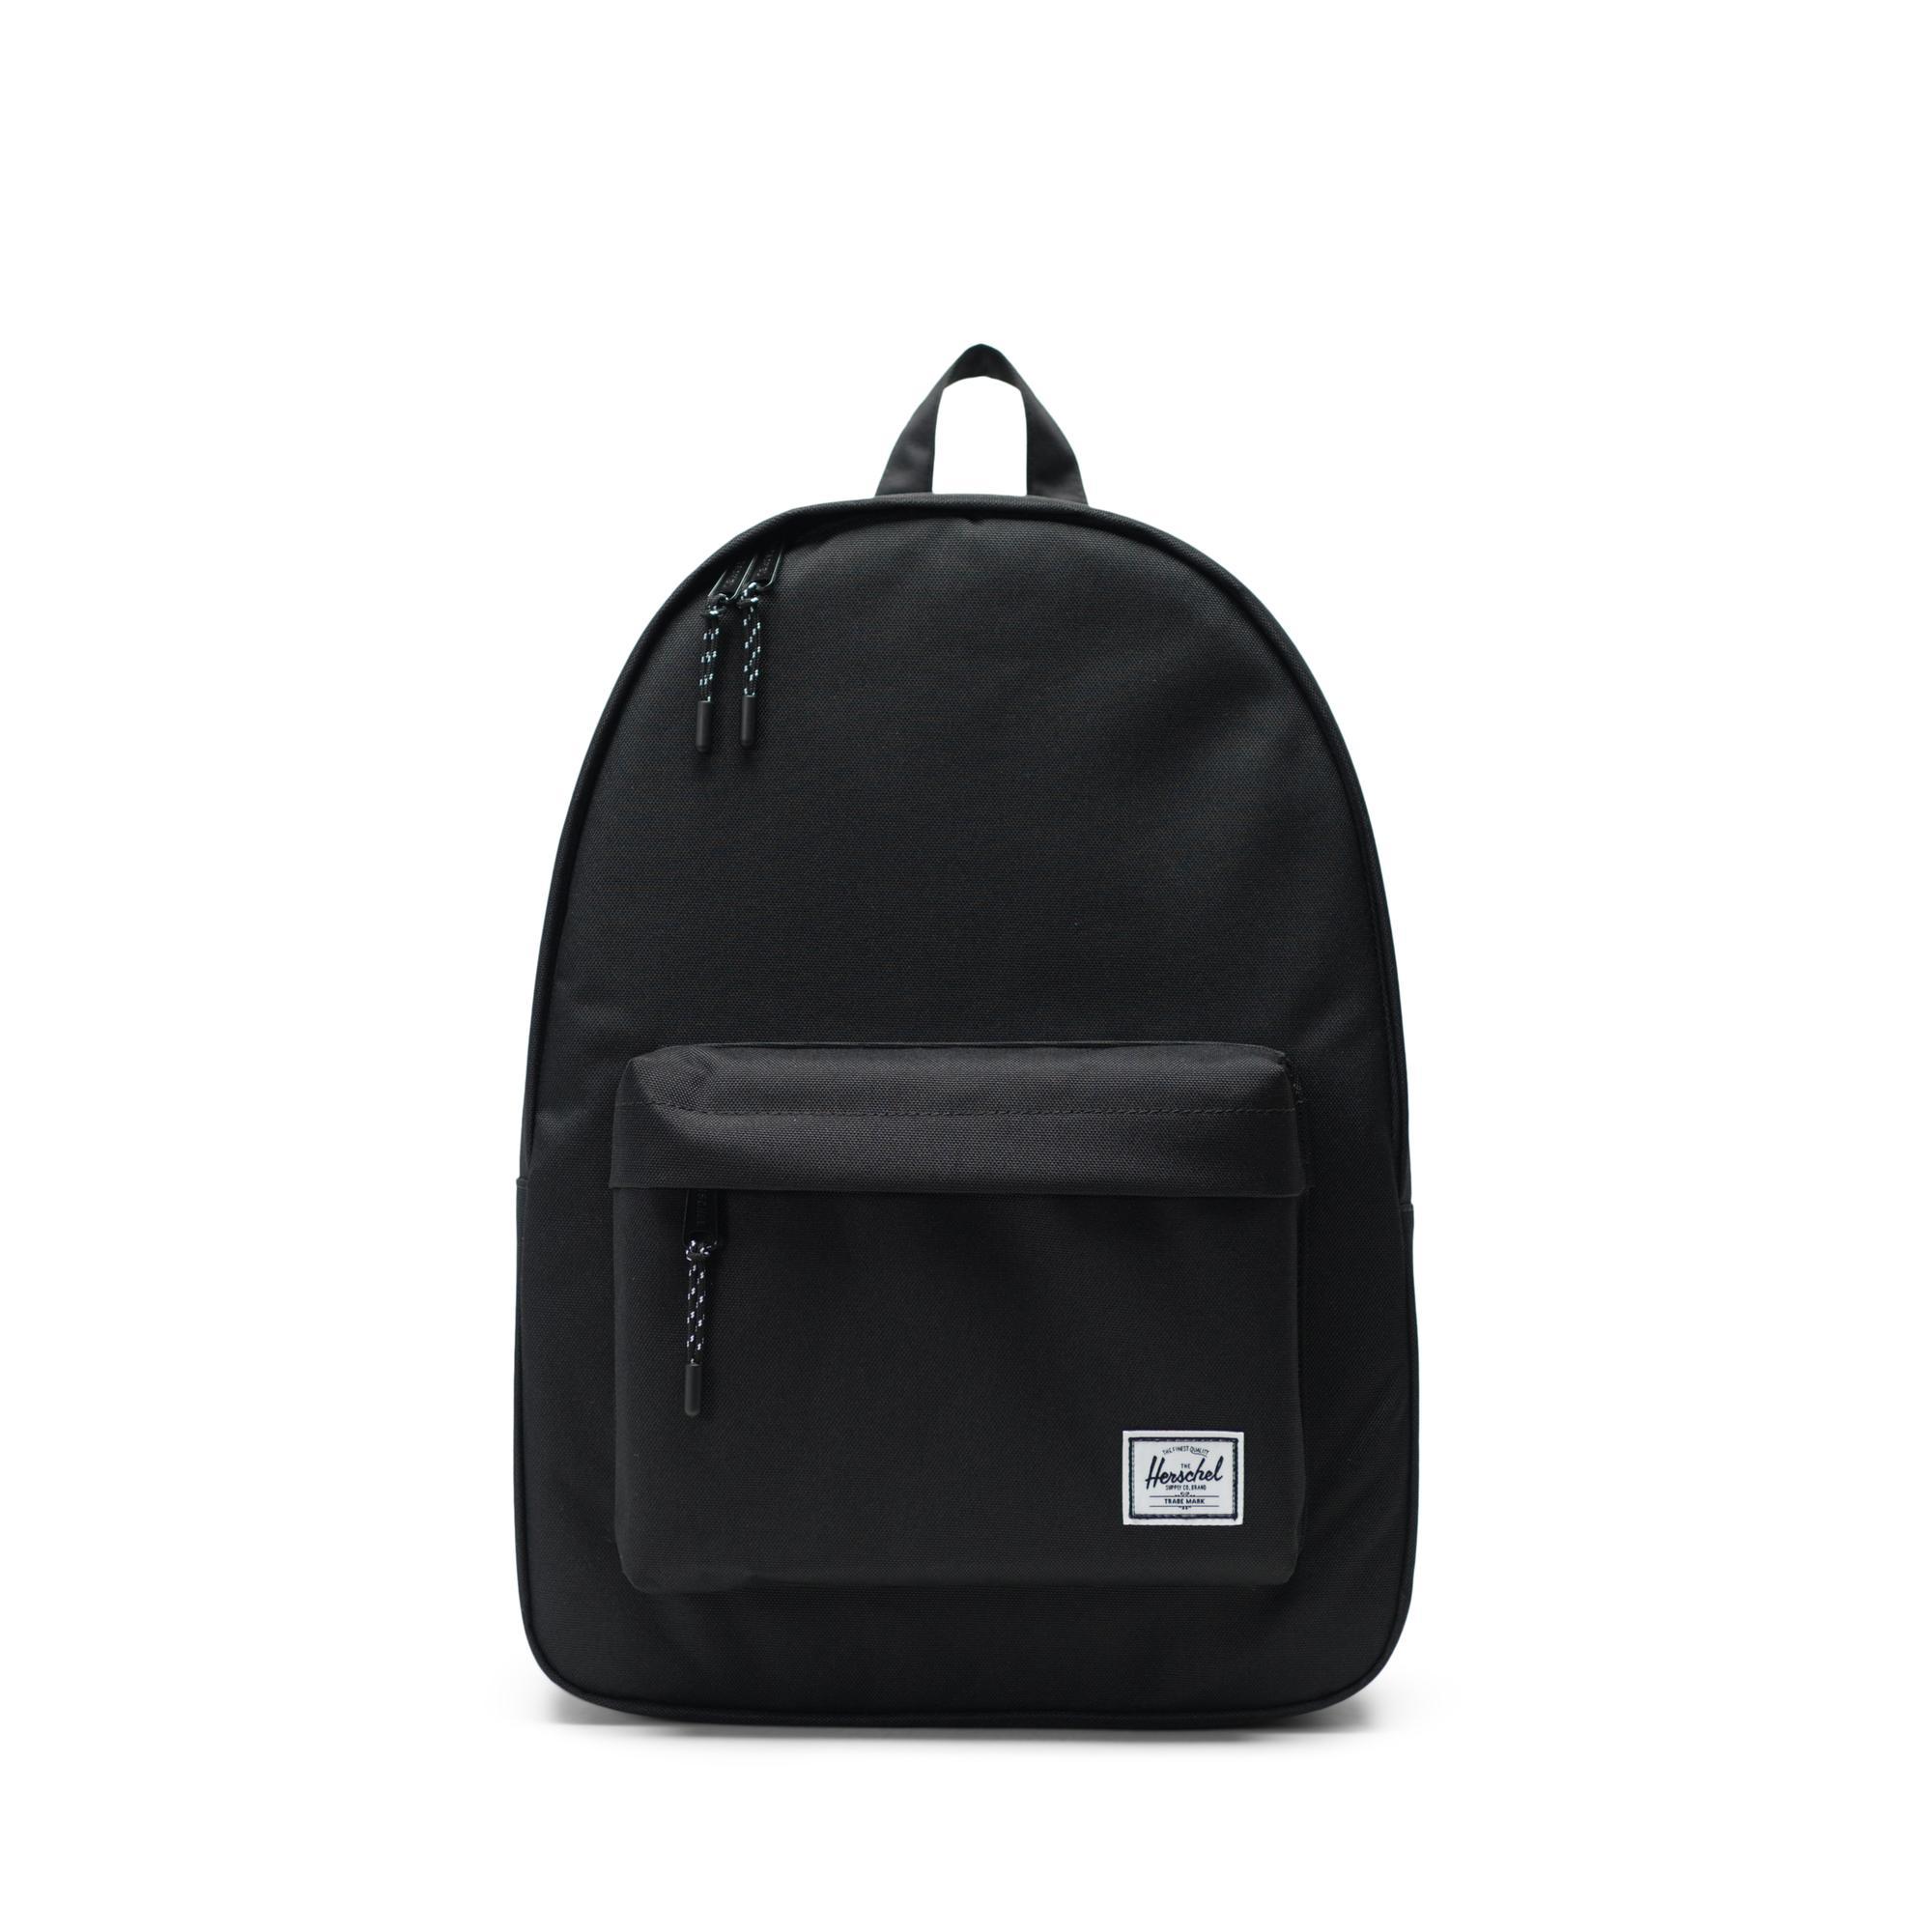 8f8ef899d56 Classic Backpack